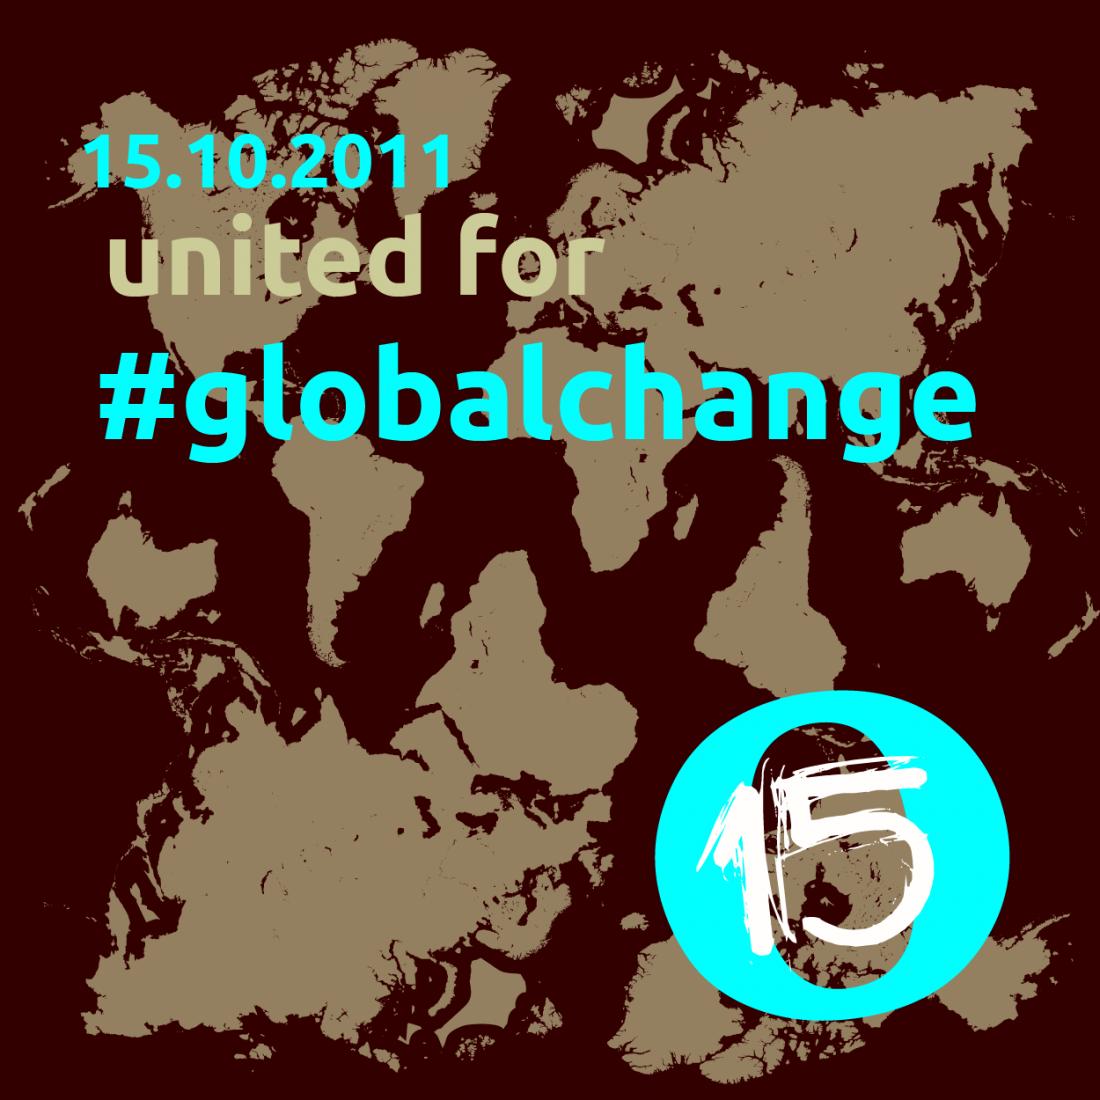 Comunicado: La CGT apoya y llama a la participación en la movilización internacional del 15 de Octubre